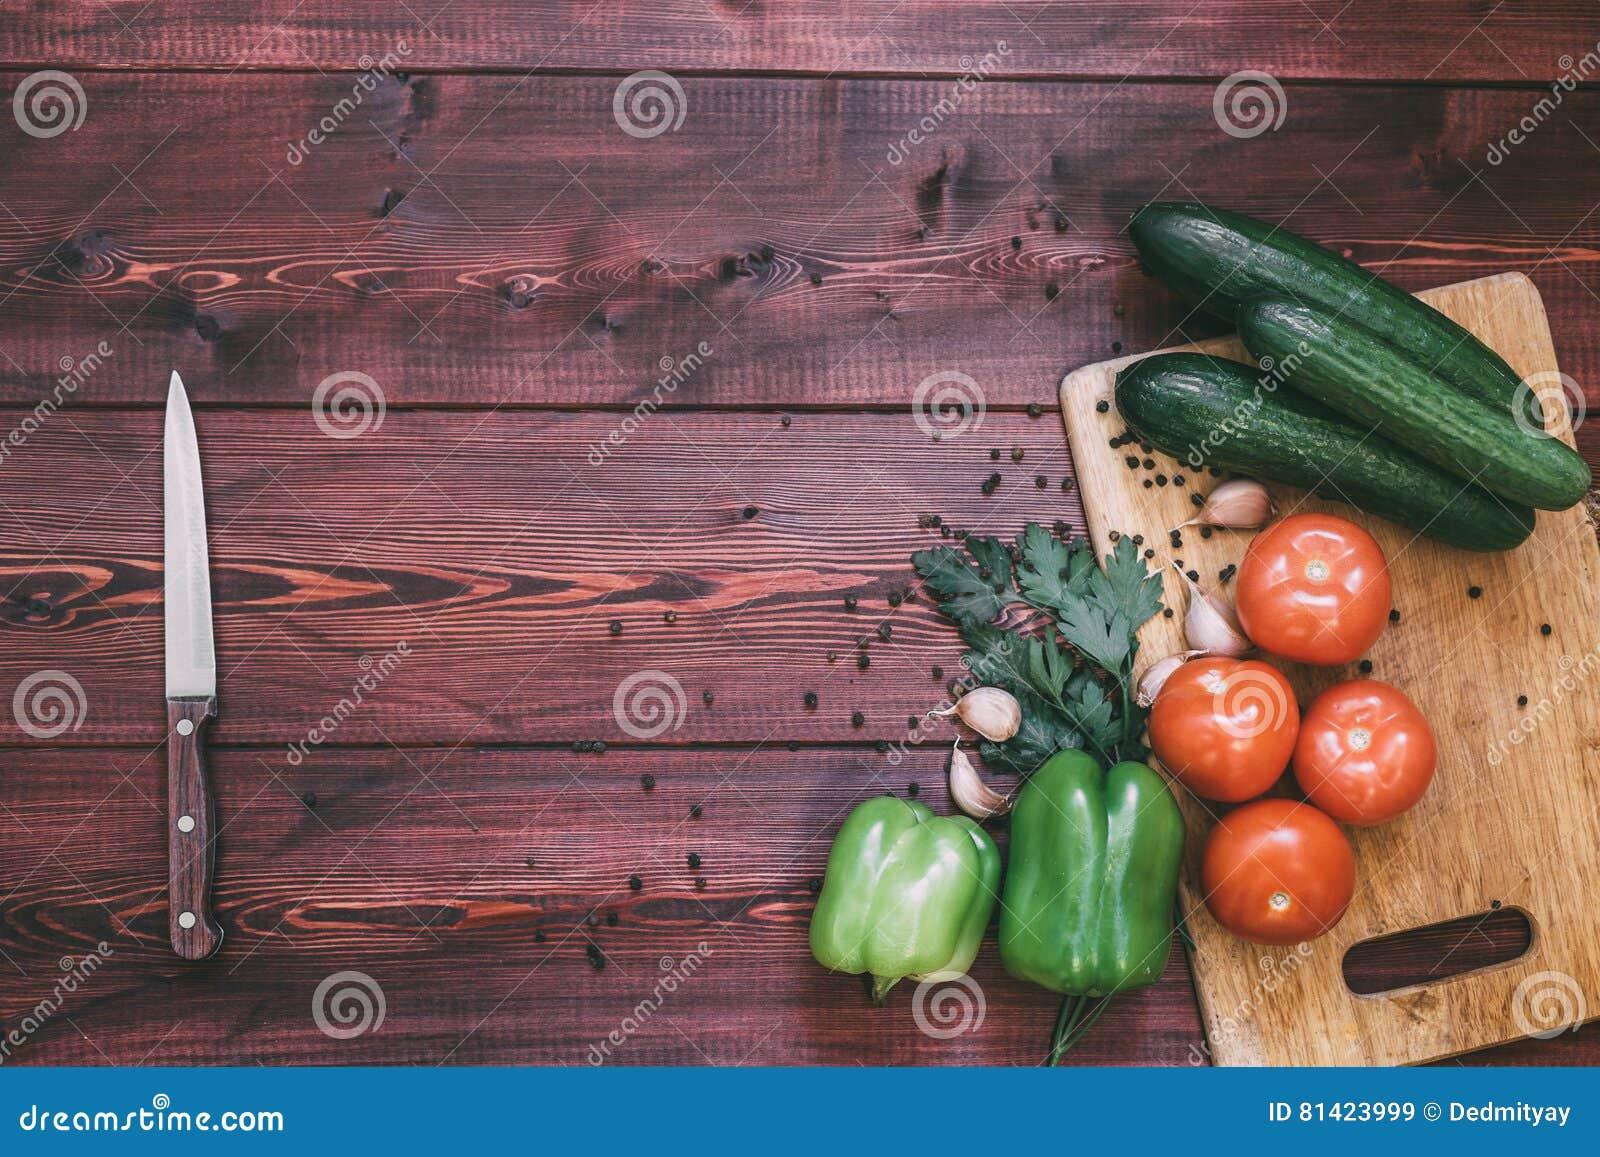 Frischgemüse auf Ausschnittvorstand Tomate, Gurke, grüner Pfeffer, Knoblauch, Gewürze